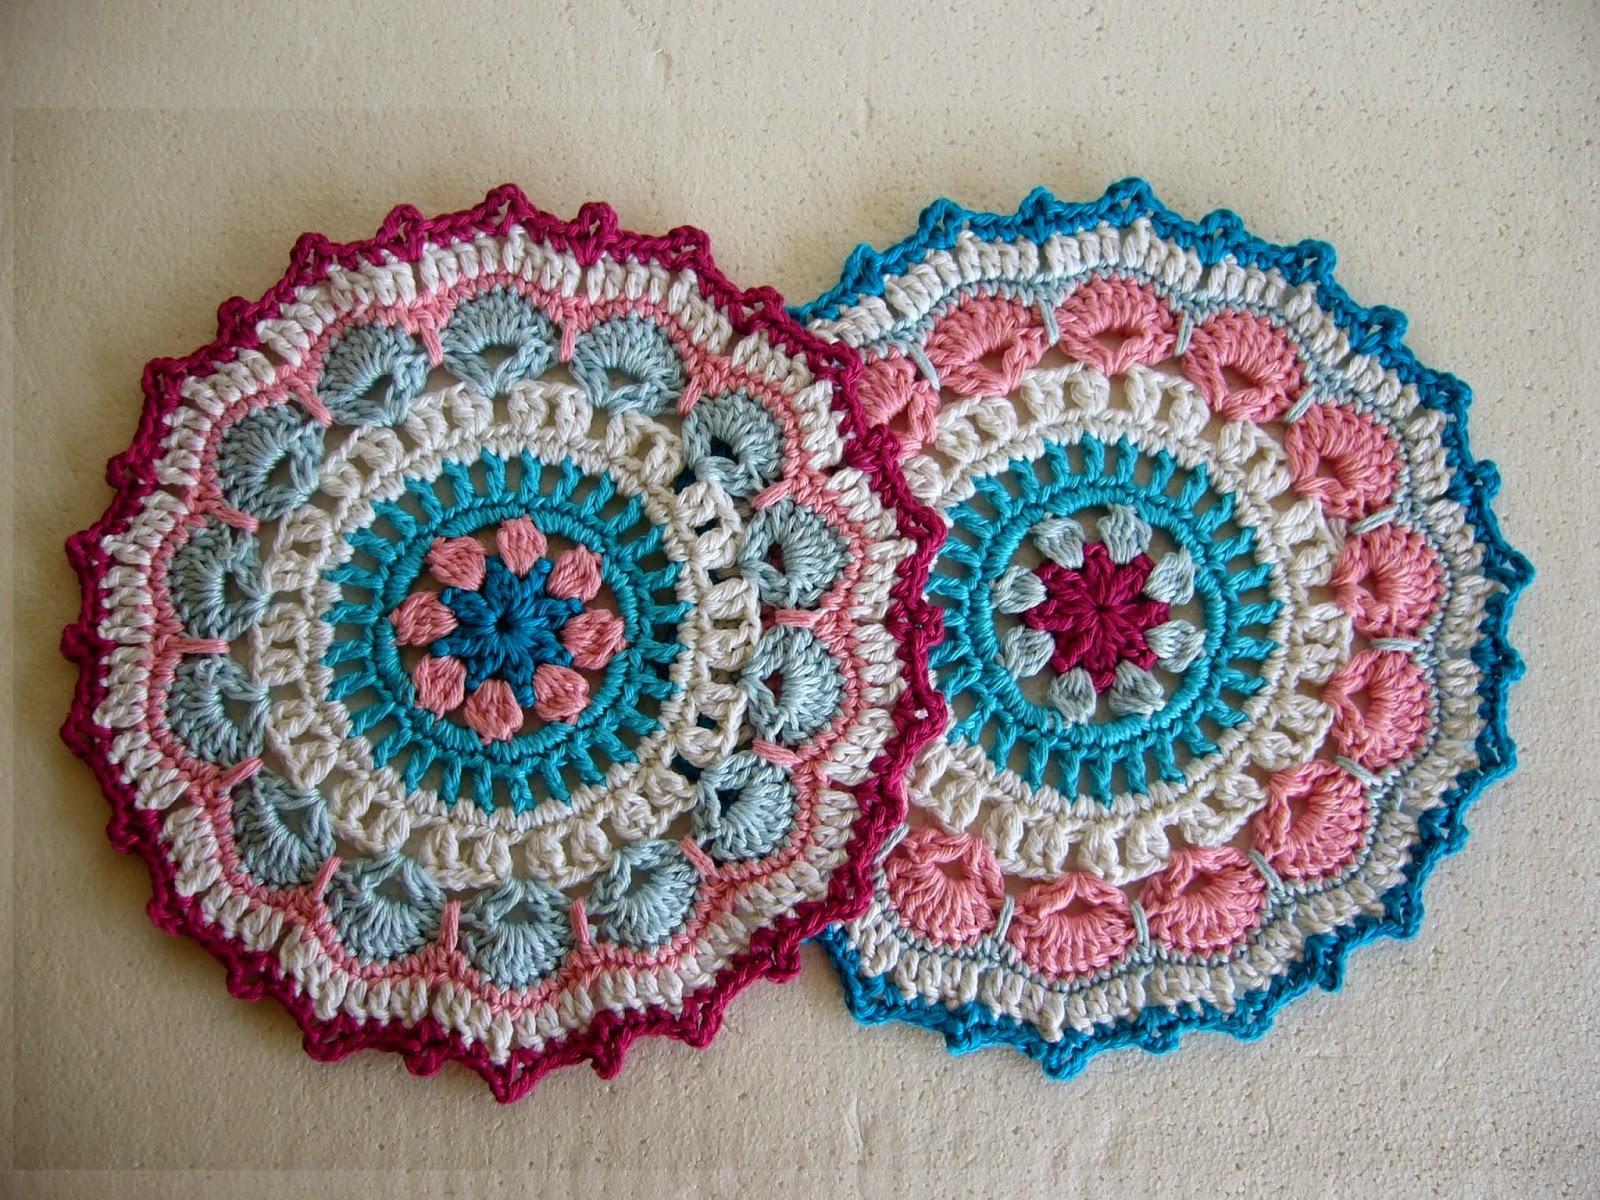 Twin crochet mandalas